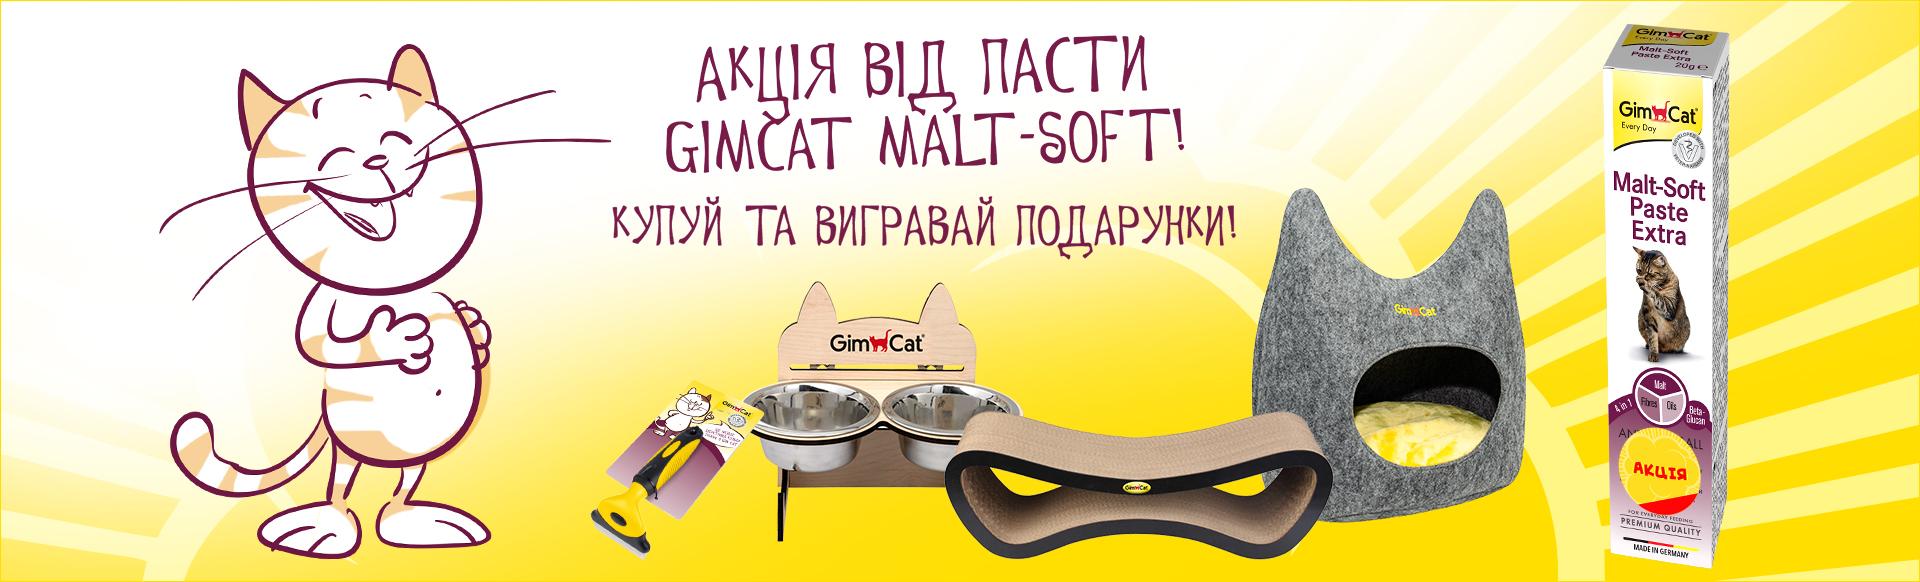 gimcat.com.ua